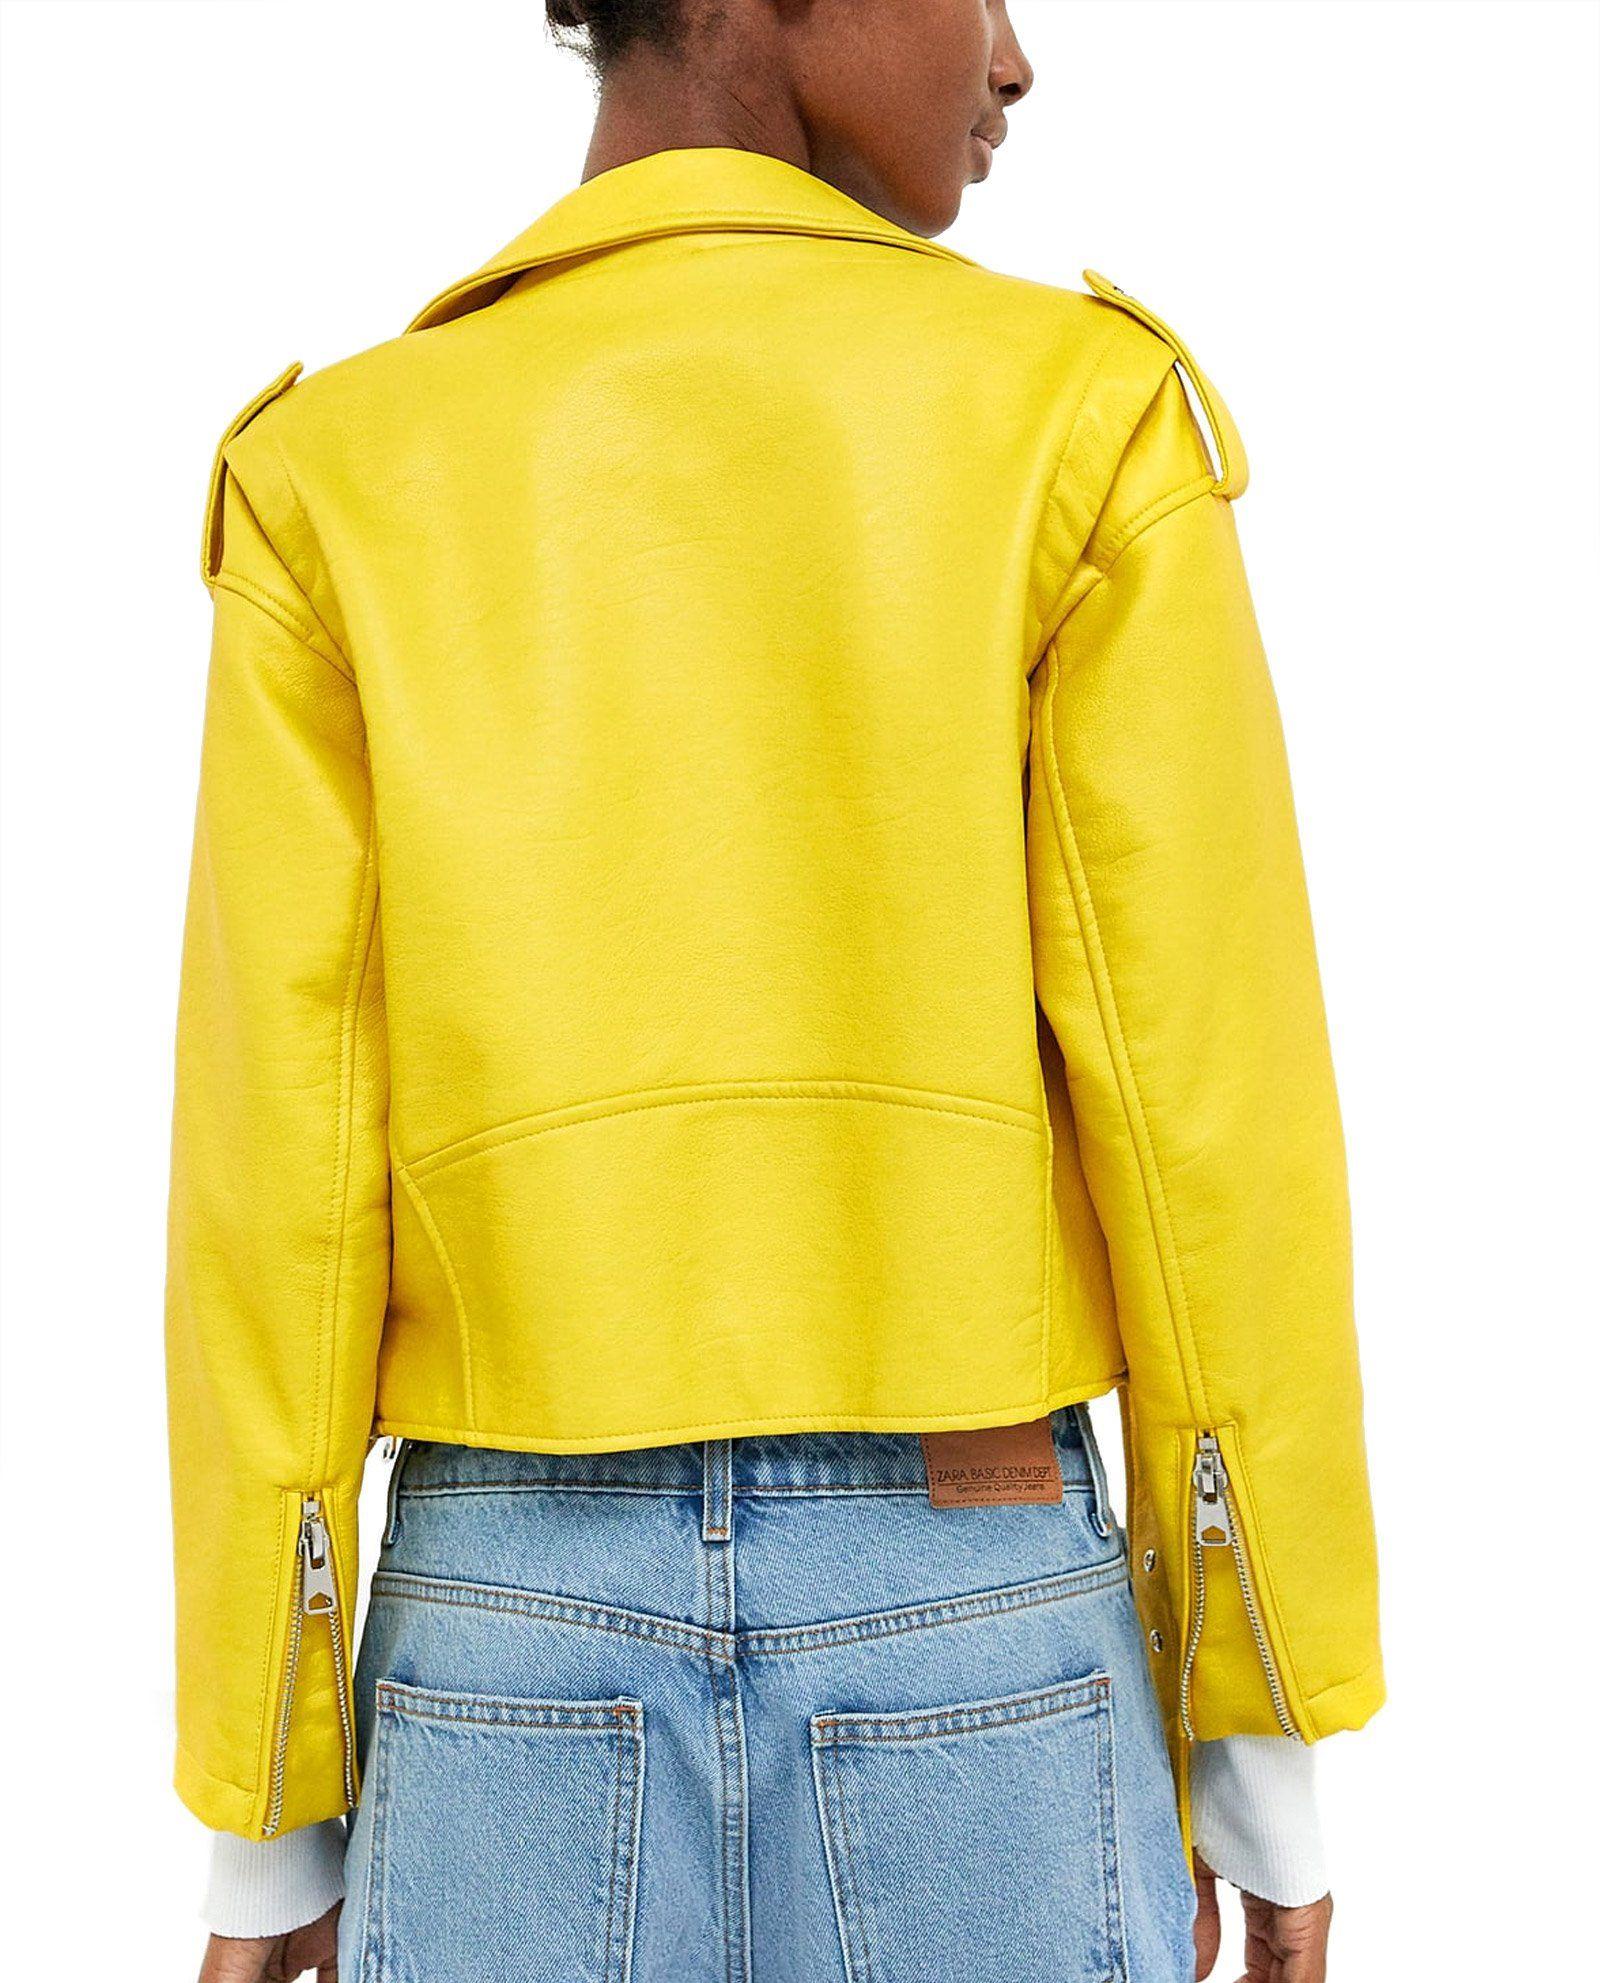 Zara Women Faux Leather Biker Jacket 3046/033 XLarge